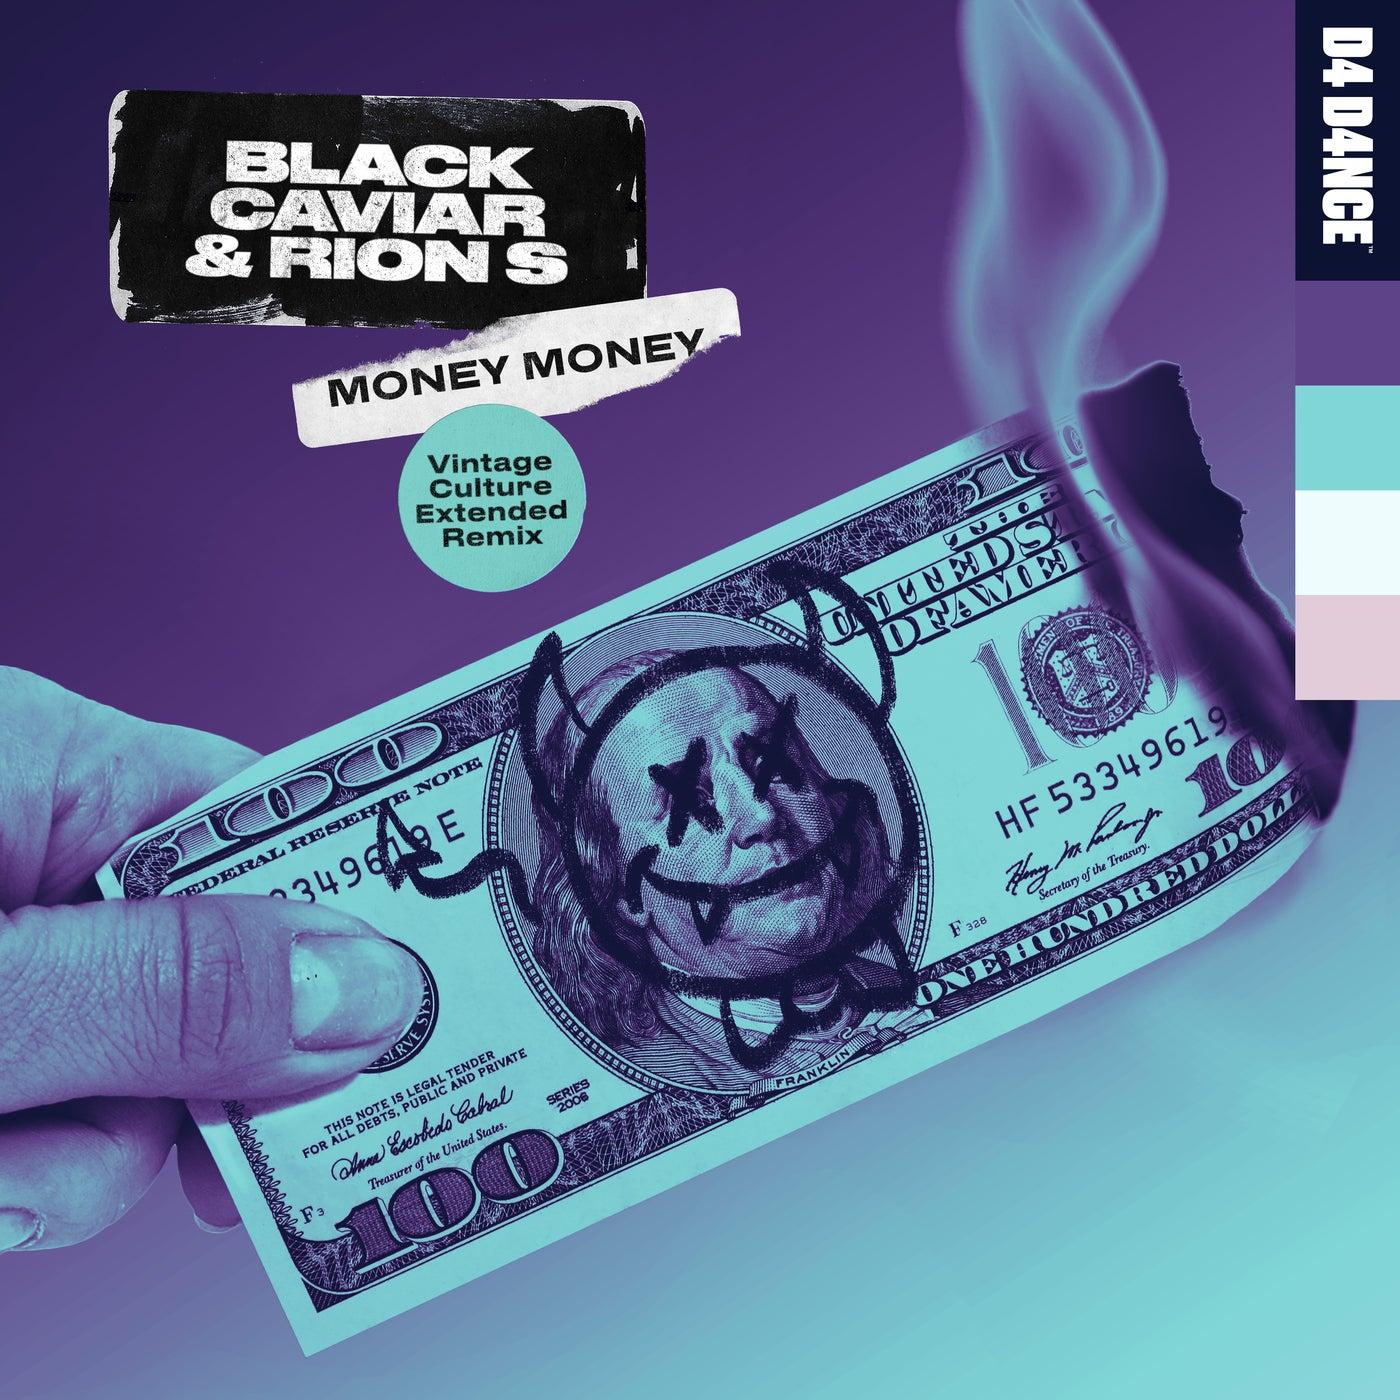 Money Money (Vintage Culture Extended Remix)